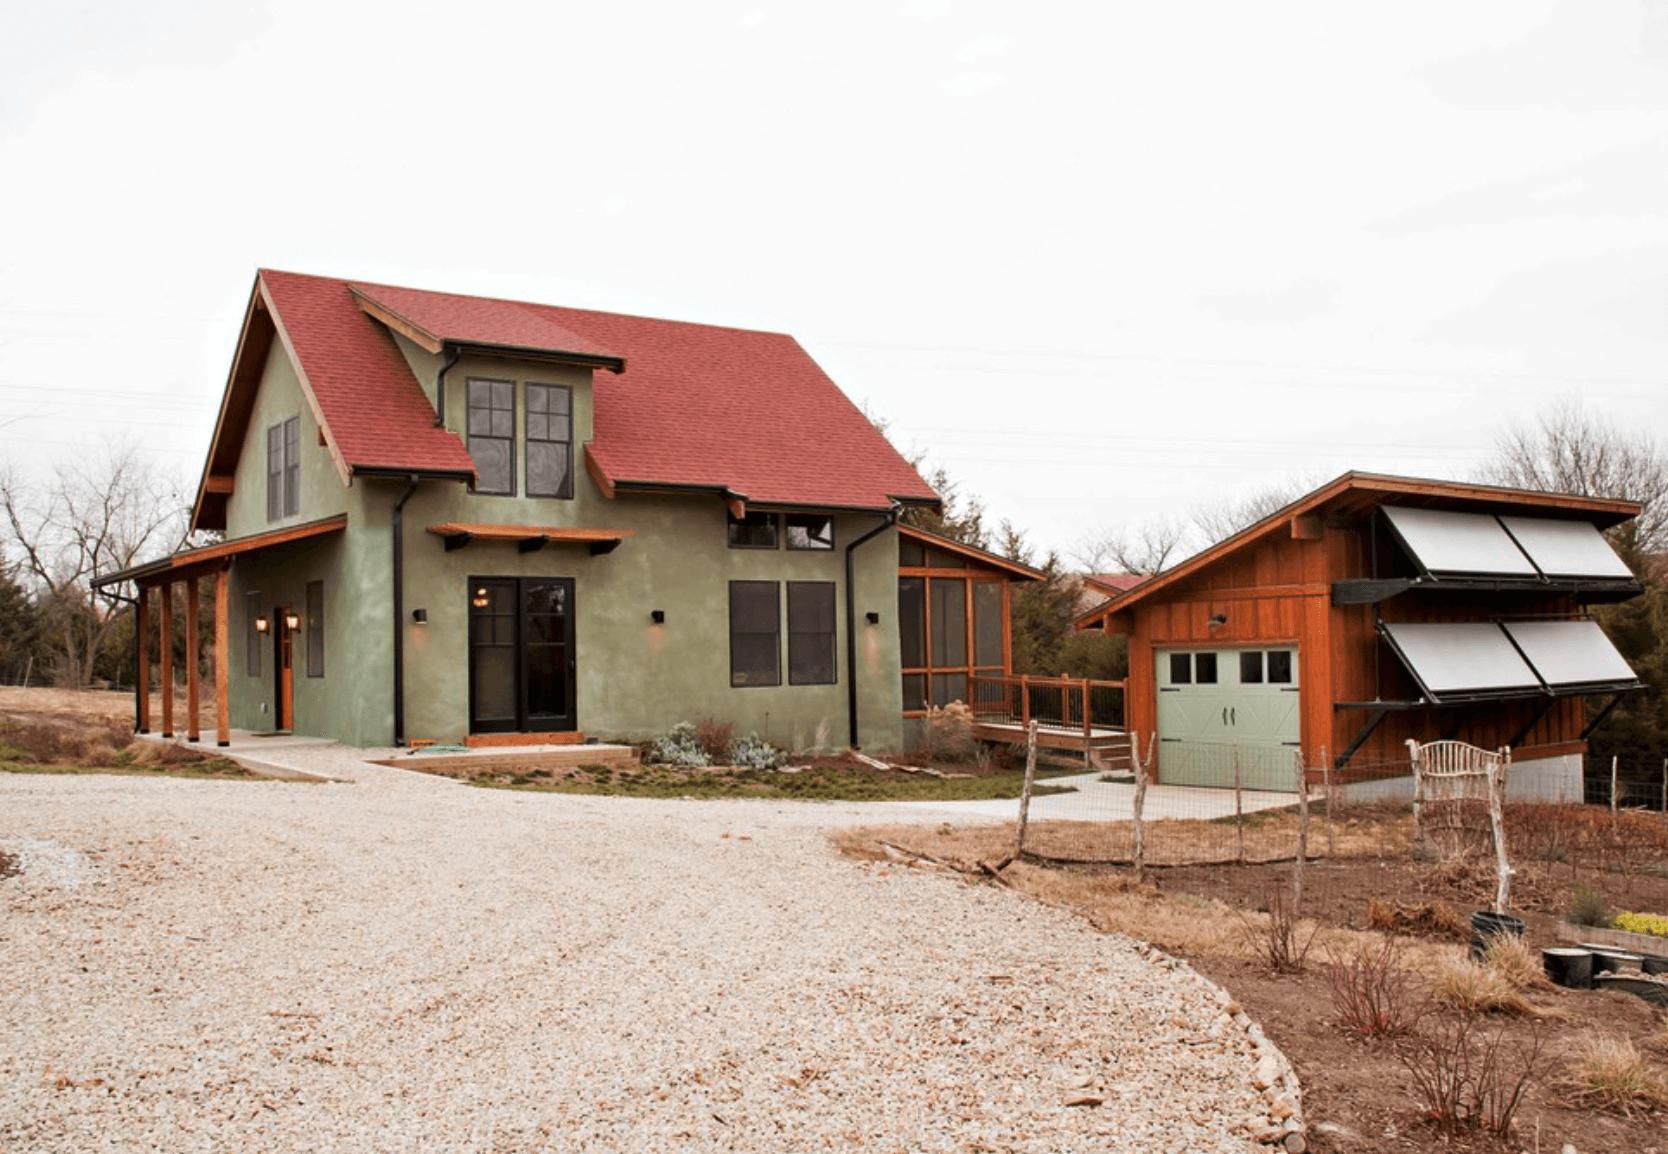 Casa de campo como projetar arquidicas for Casas de campo hermosas